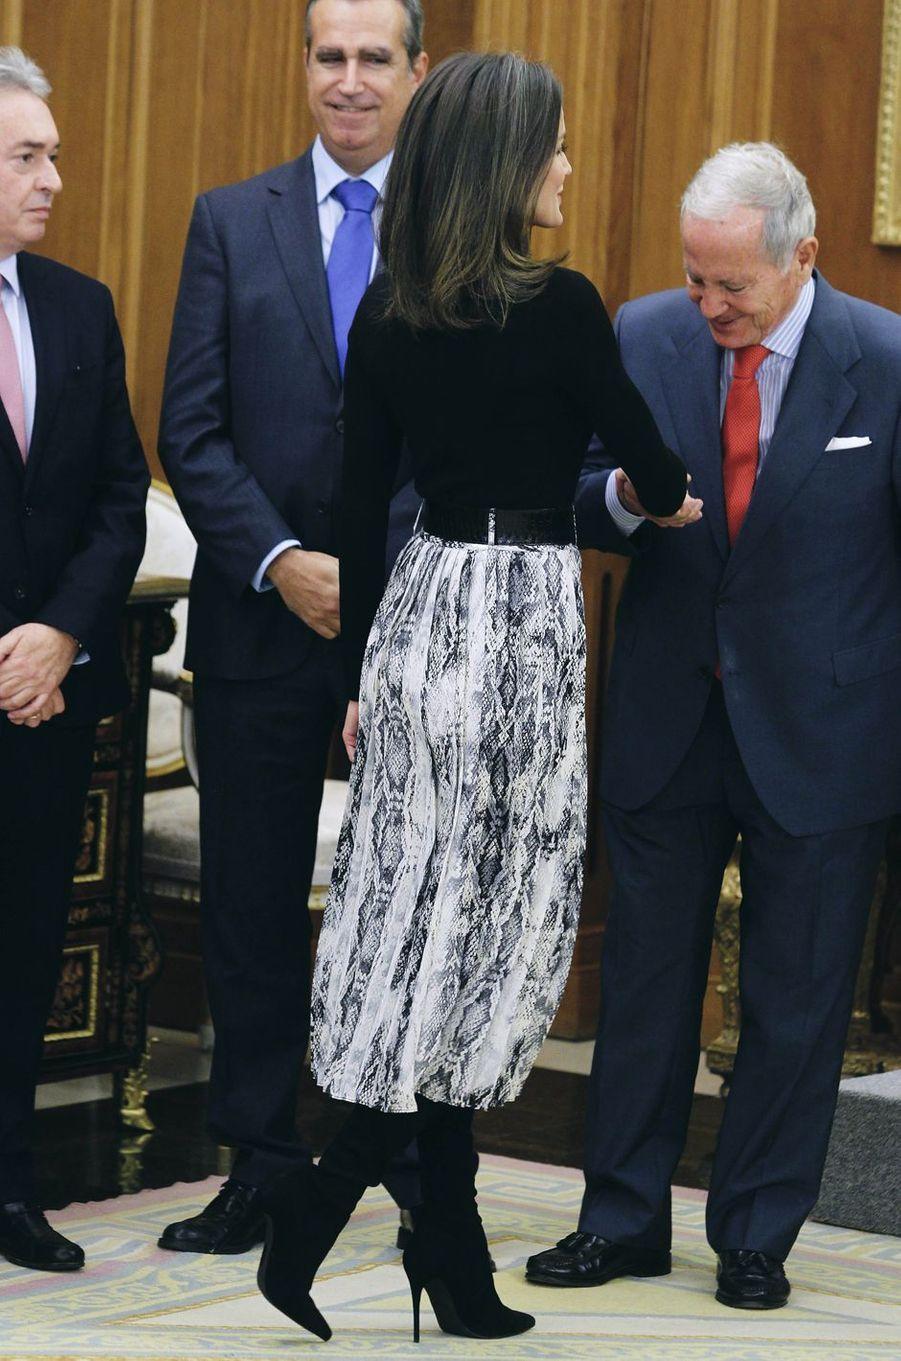 La reine Letizia d'Espagne dans une jupe Zara à Madrid, le 18 janvier 2019